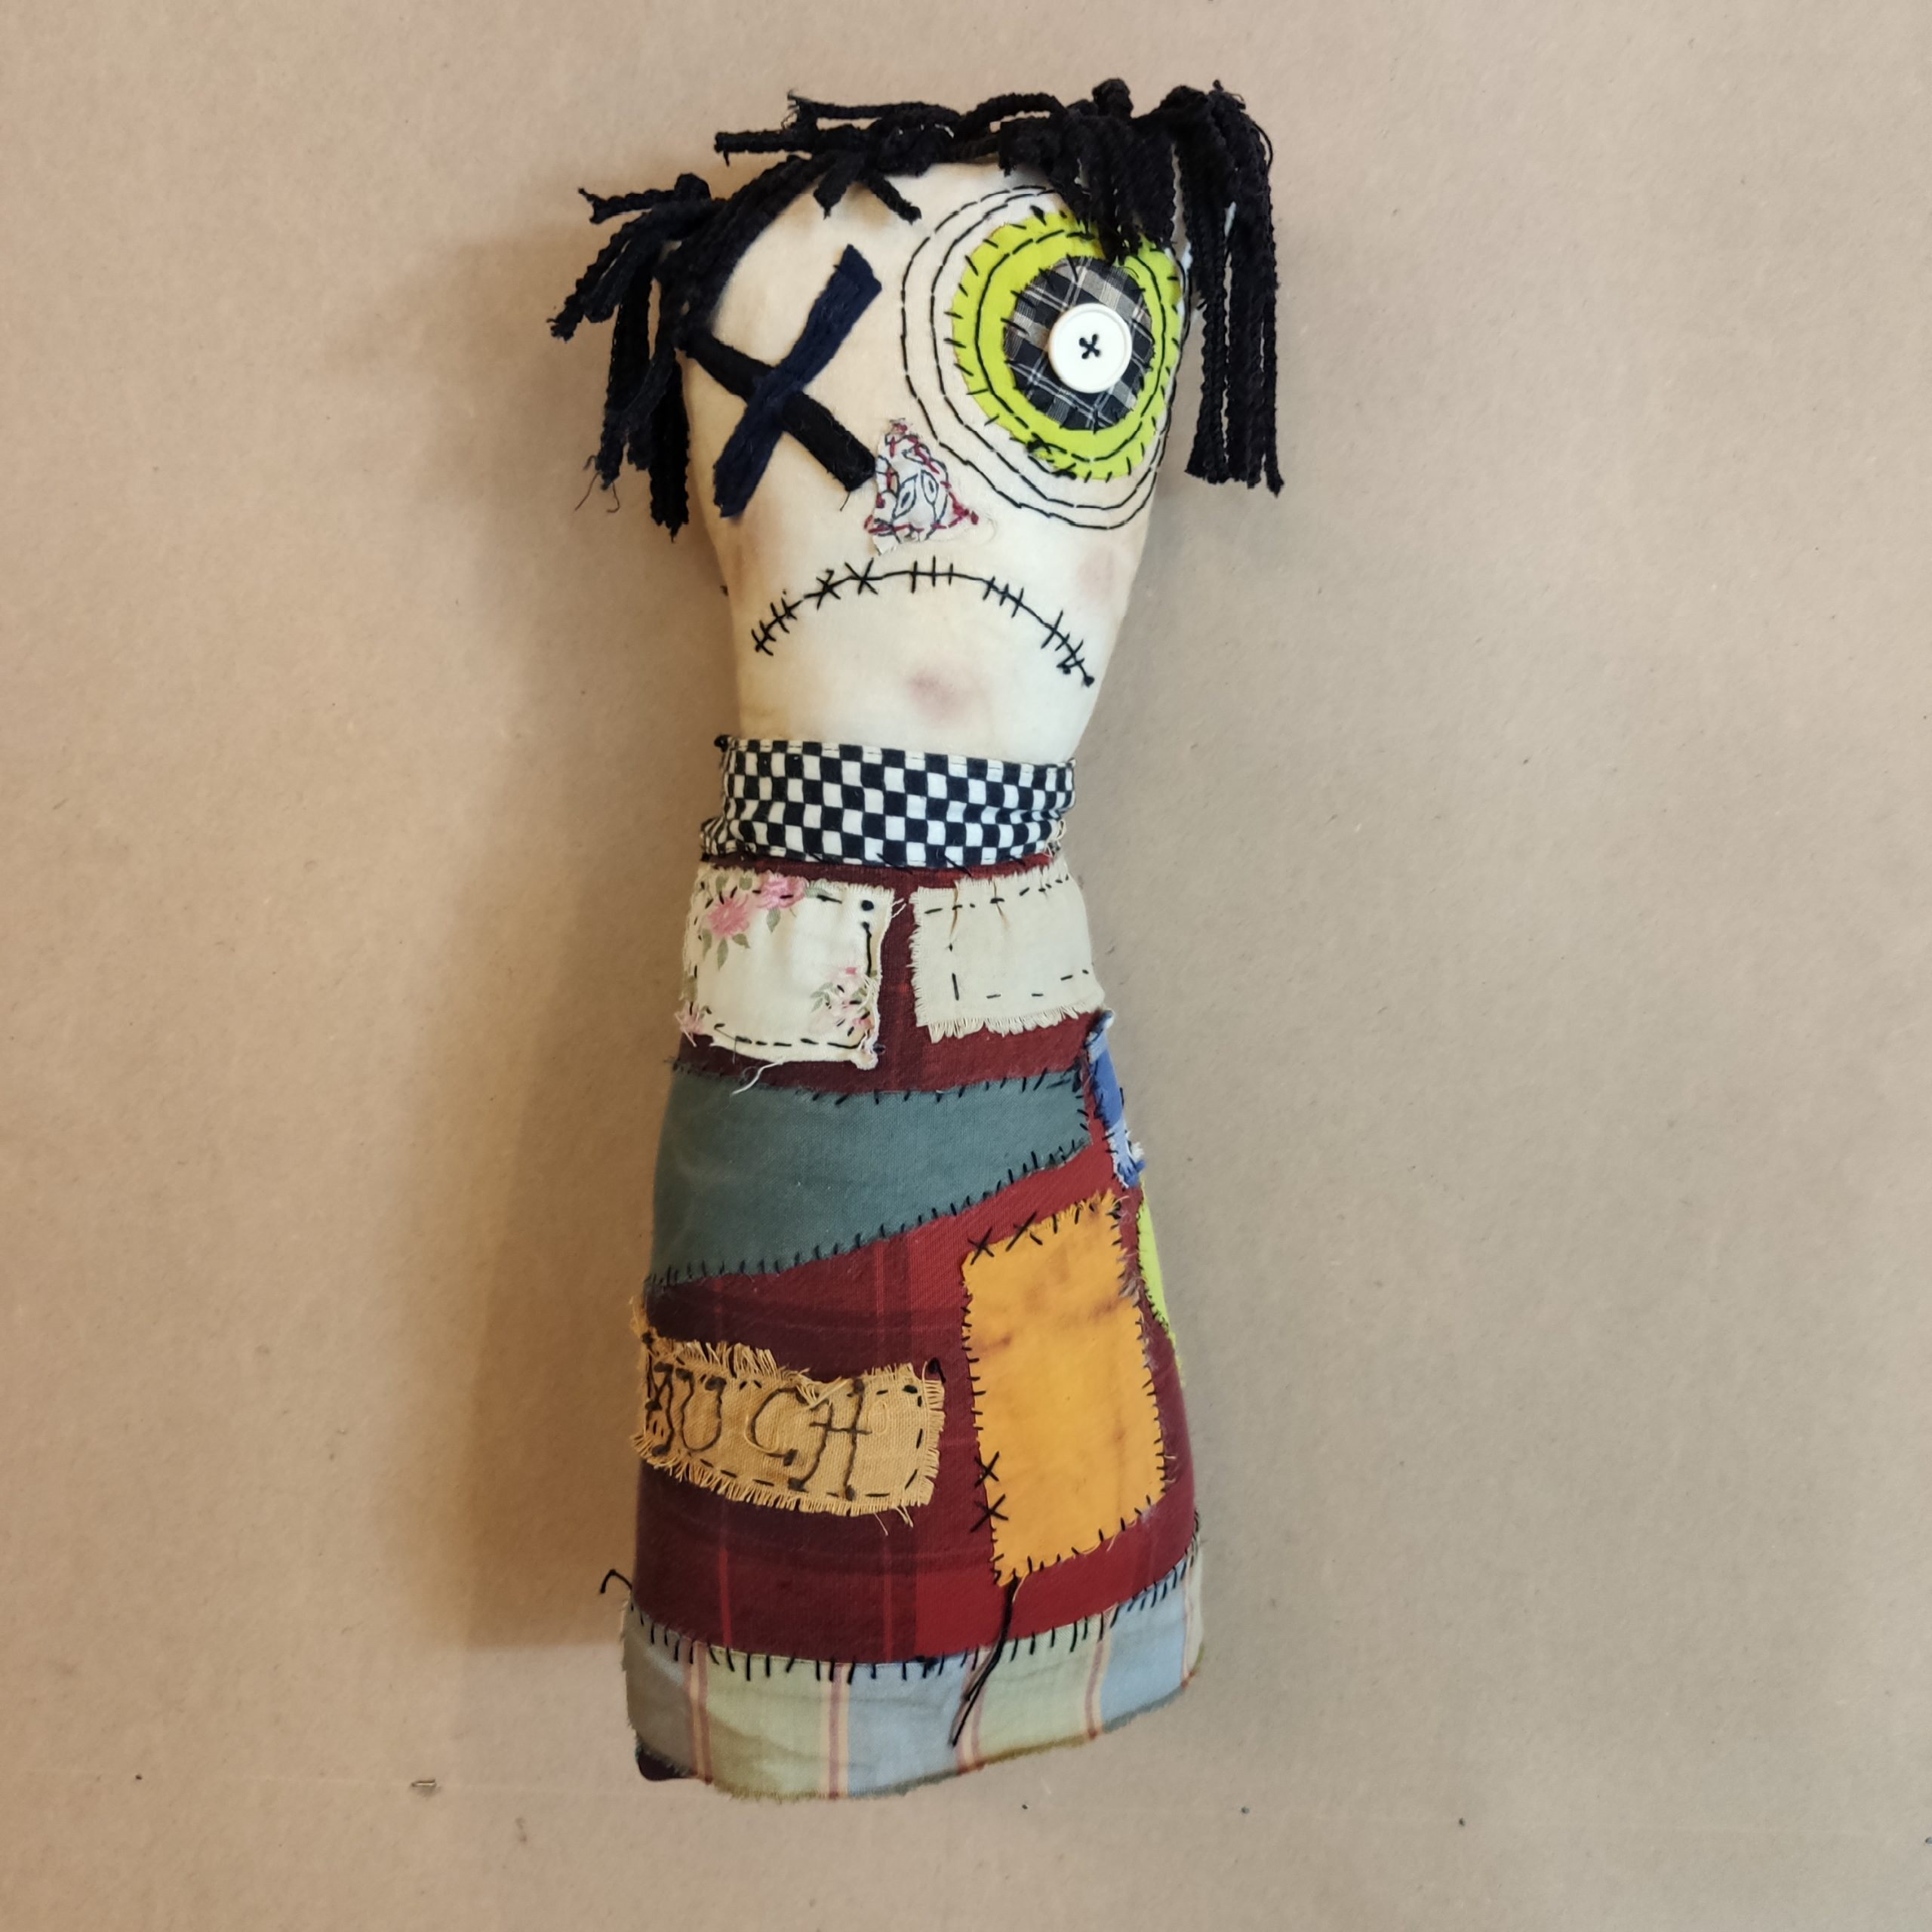 Υφασμάτινη κούκλα-τερατάκι/γούρι – Fabric monster doll